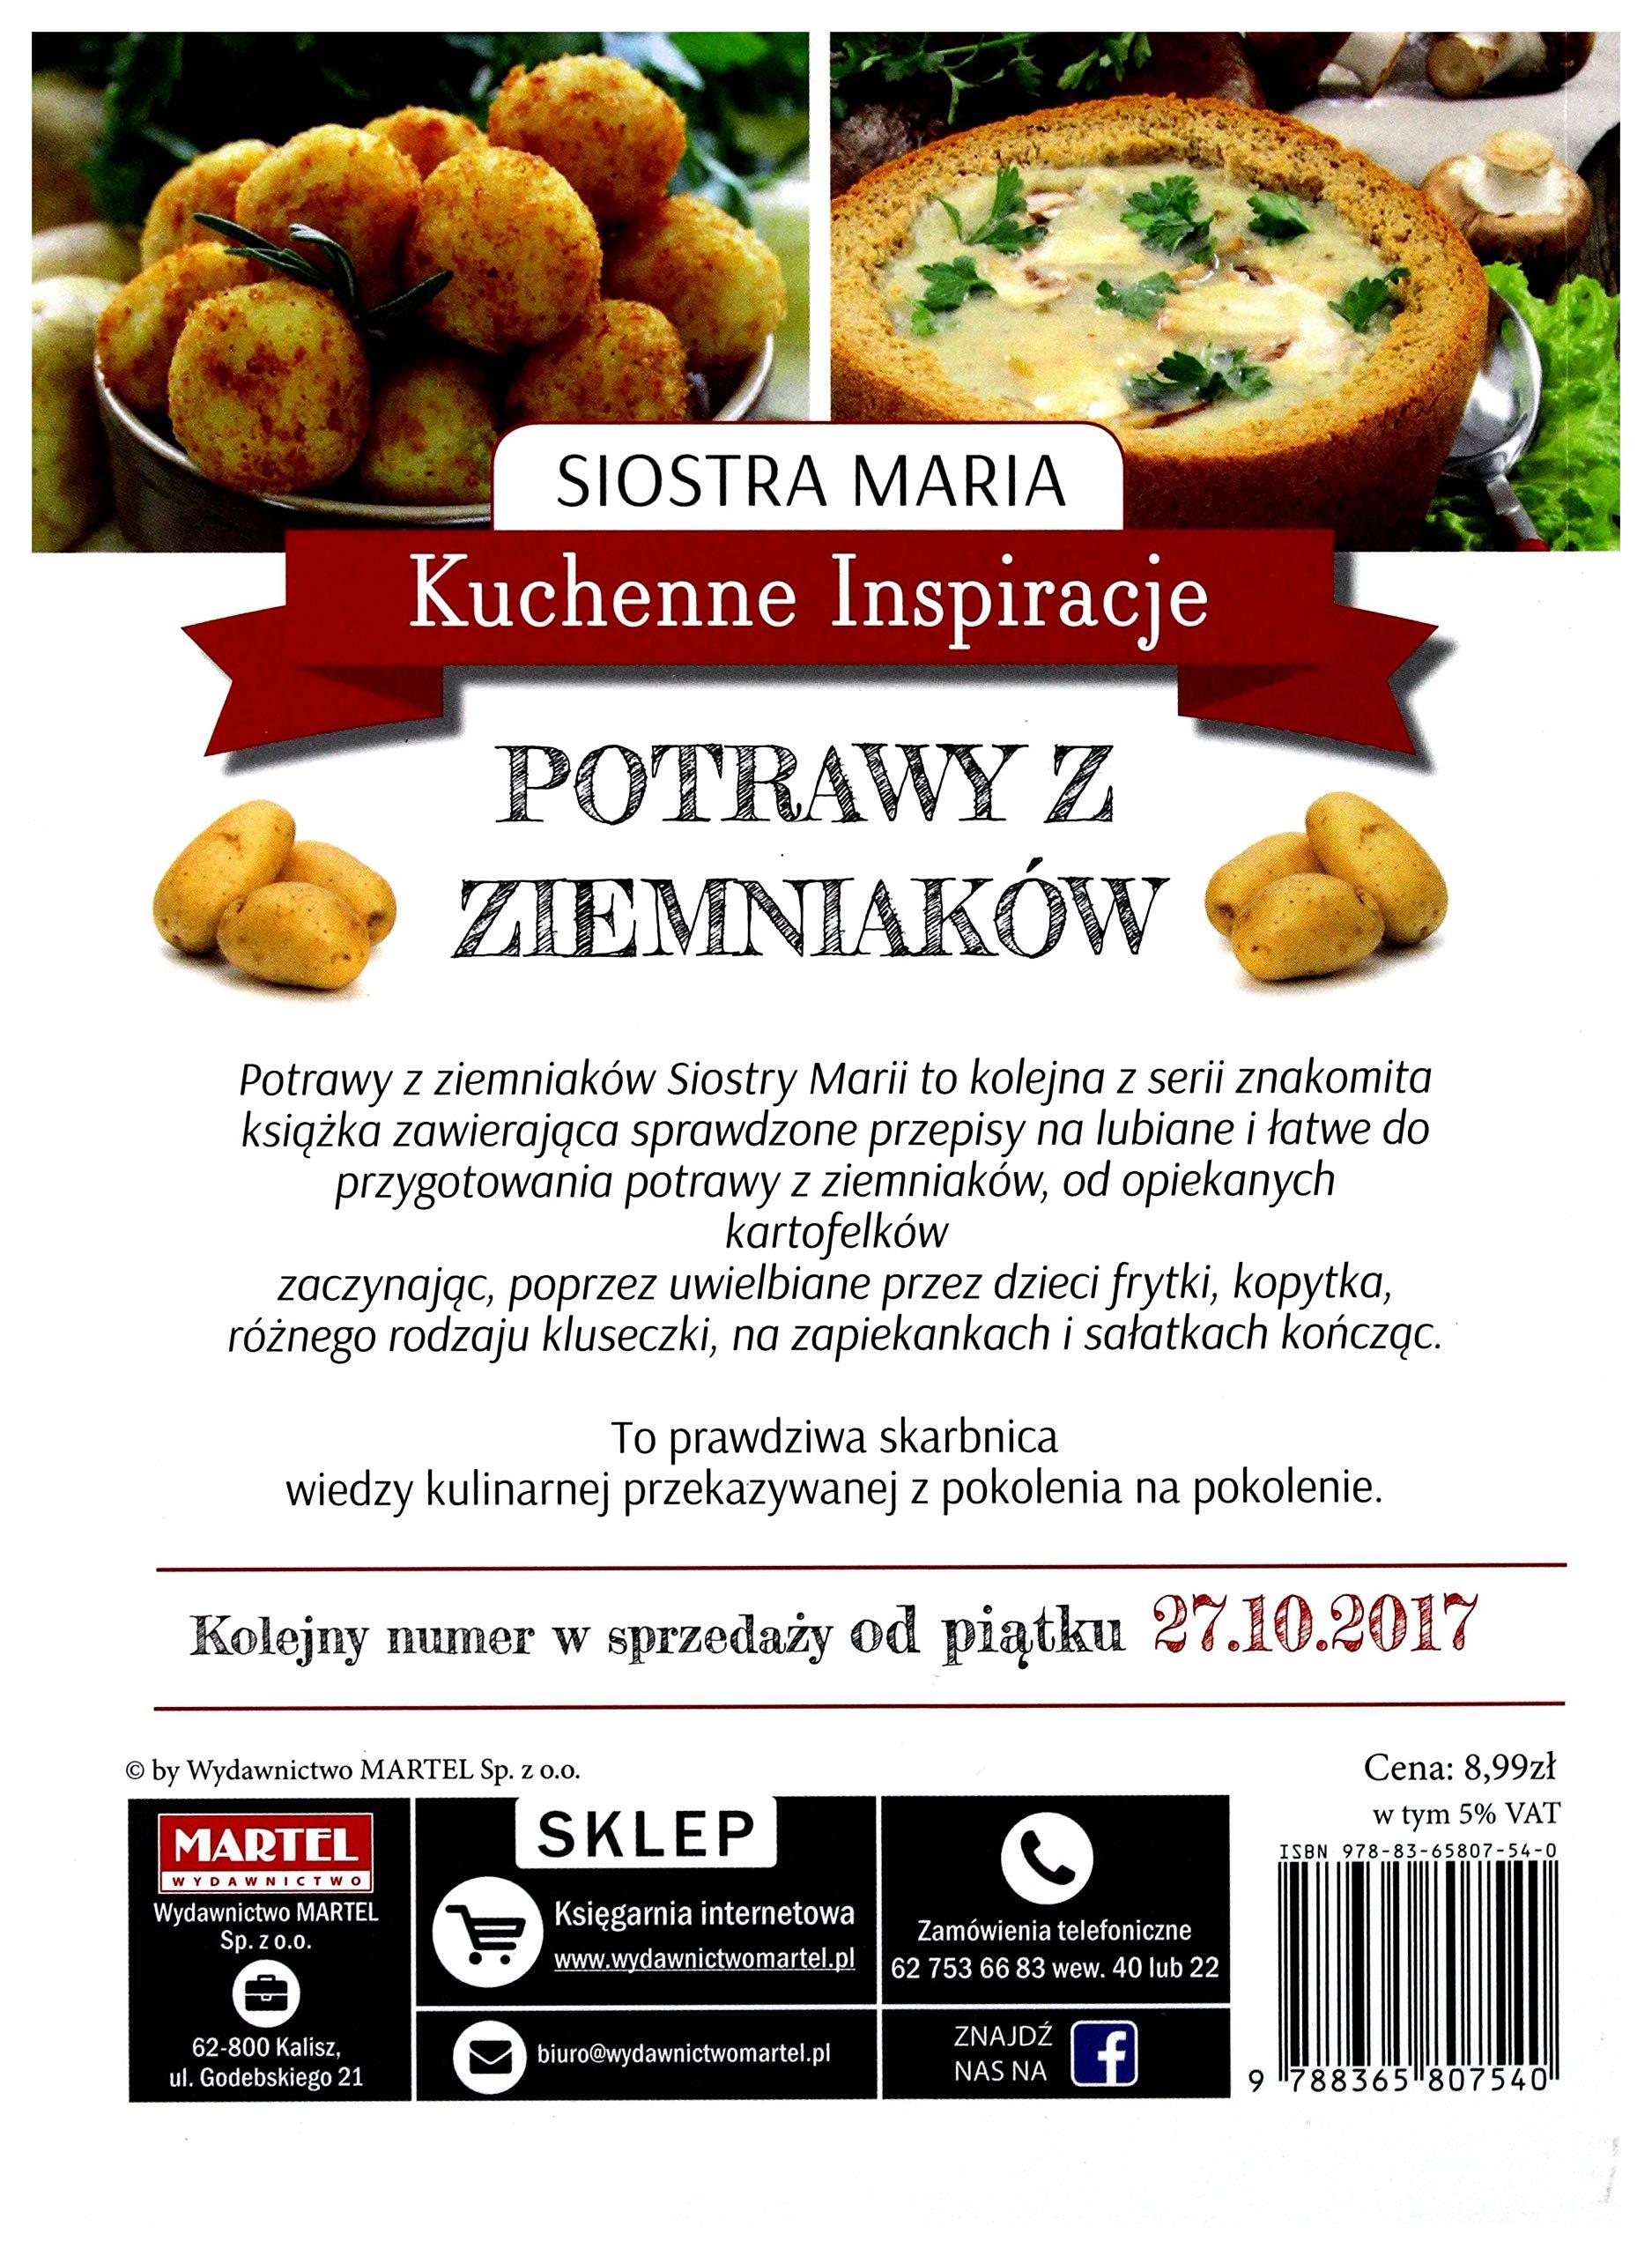 Kuchenne Inspiracje Potrawy Z Ziemniakălw Siostra Maria